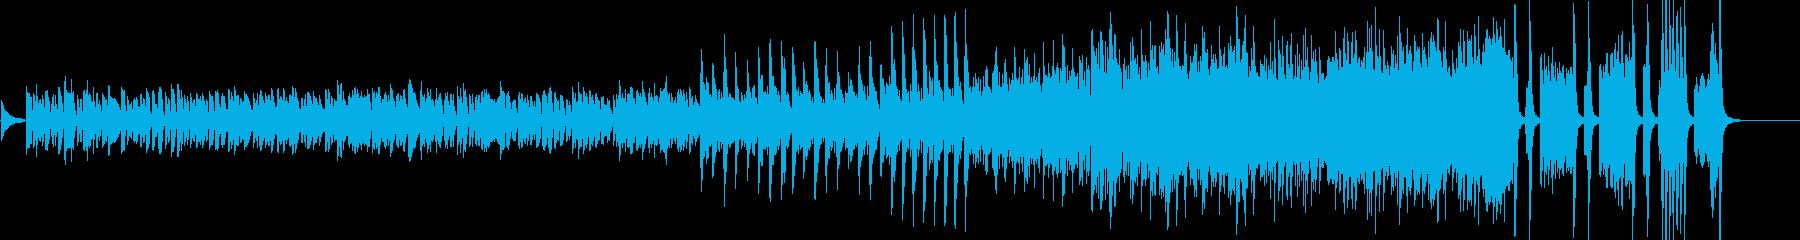 山の魔王の宮殿にて/グリーグの再生済みの波形